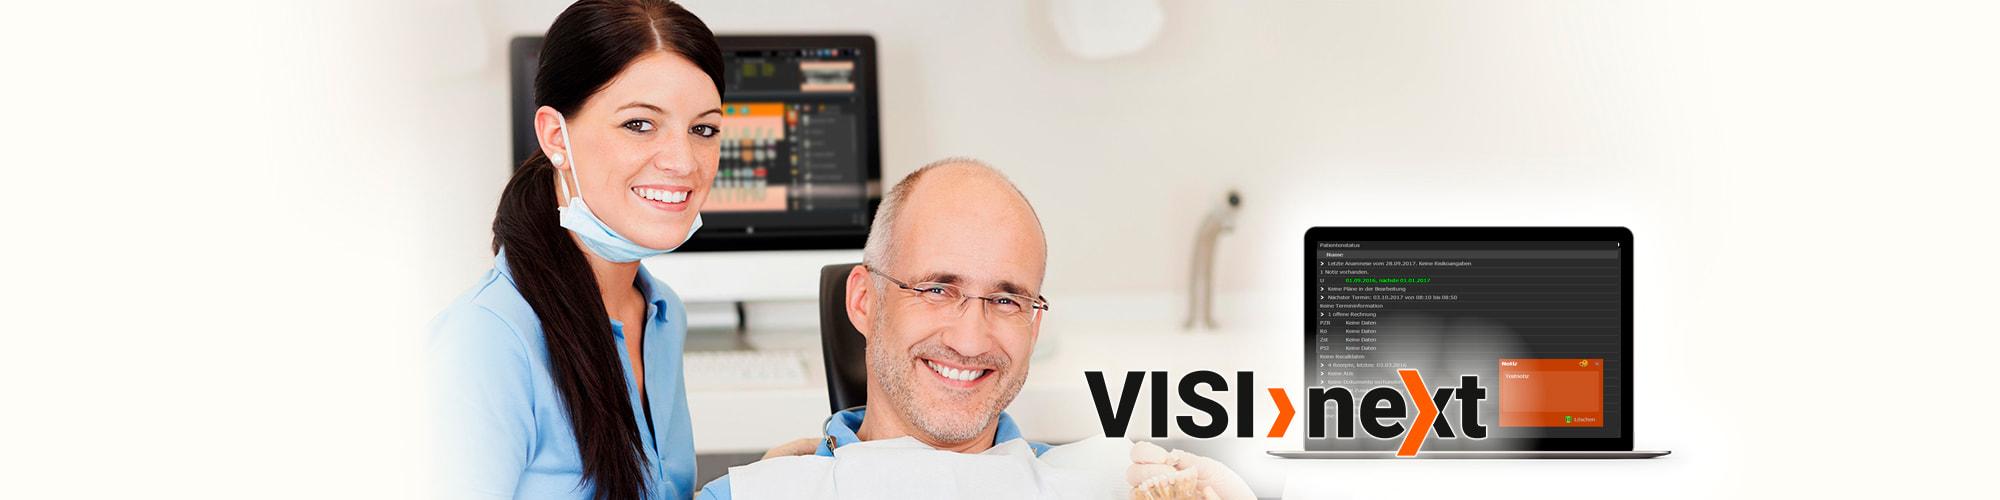 Slider ZFA Patientenstatus - VISInext BDV GmbH